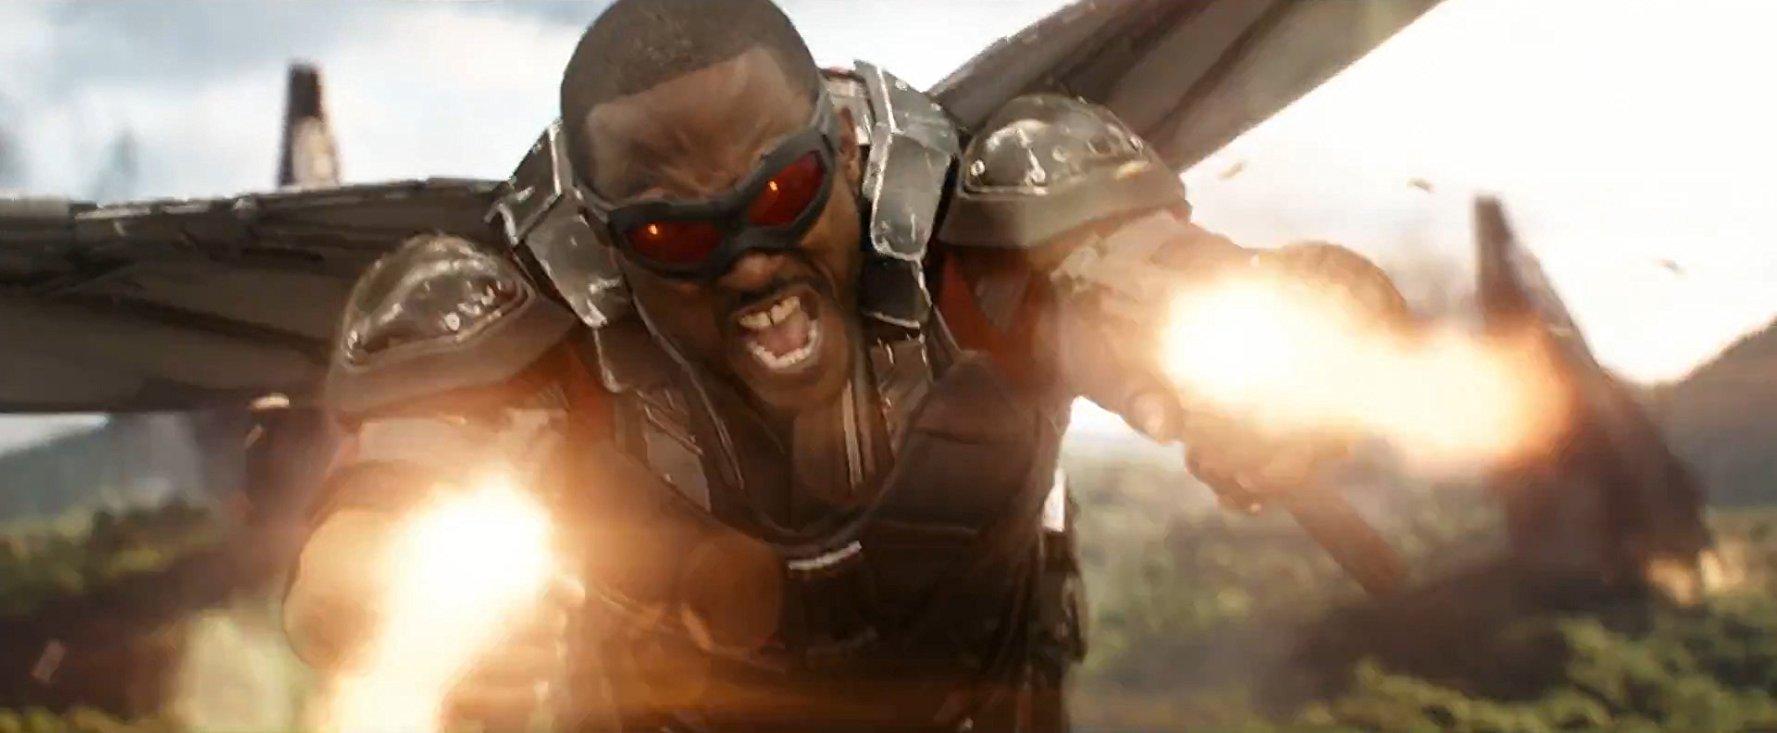 Falcon Captain America: Civil War